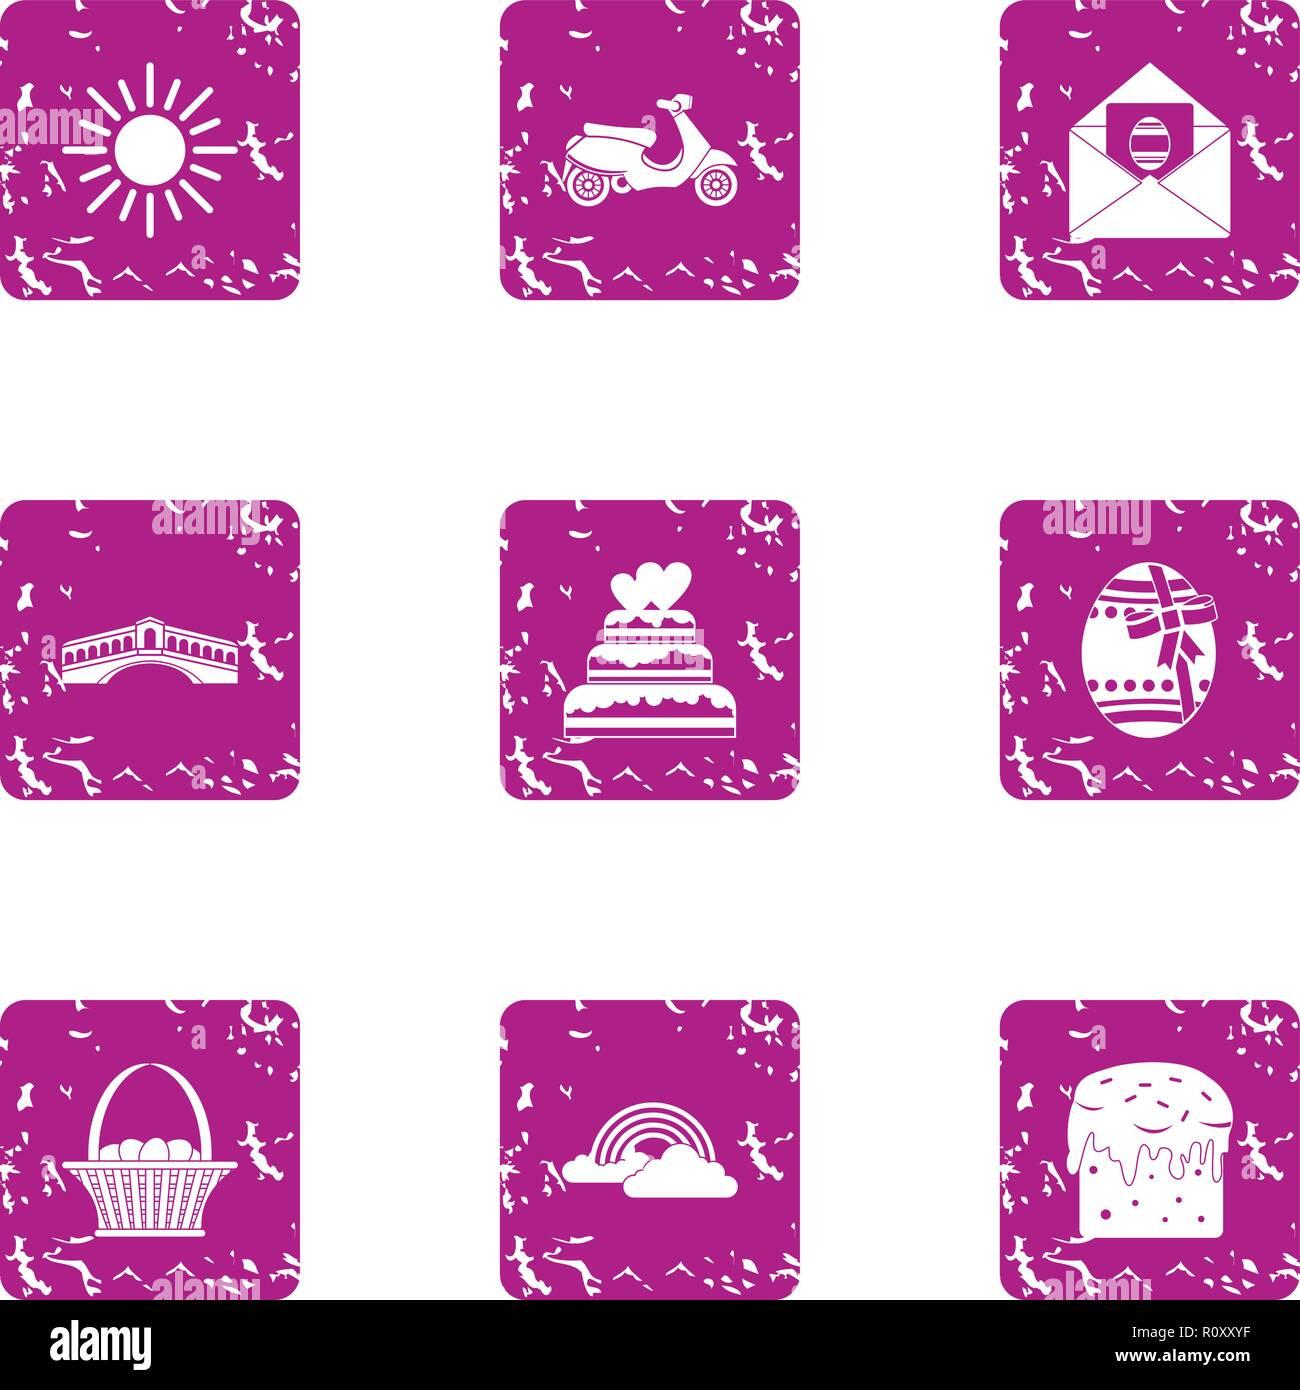 Mood for loveless icons set, grunge style - Stock Image